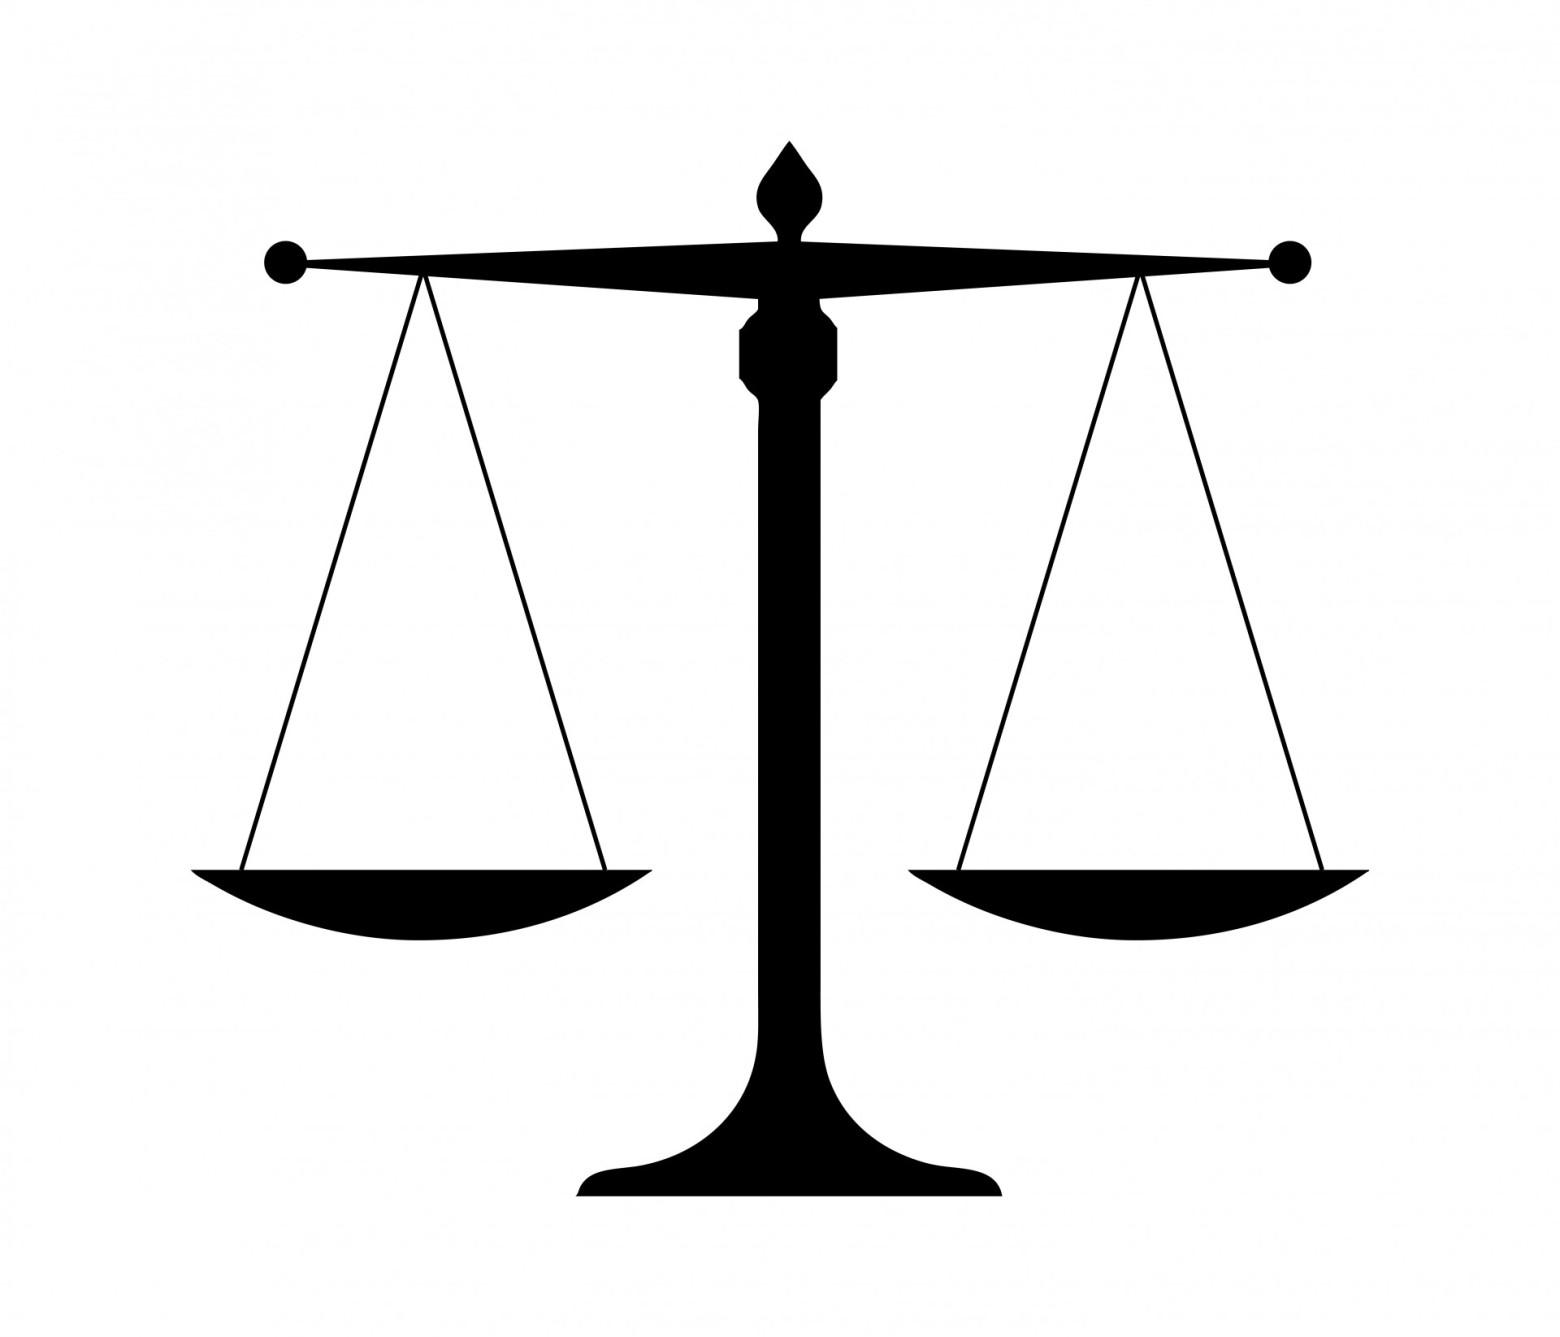 Balance quilibre loi justice images gratuites et libres de droits - Dessin de balance ...